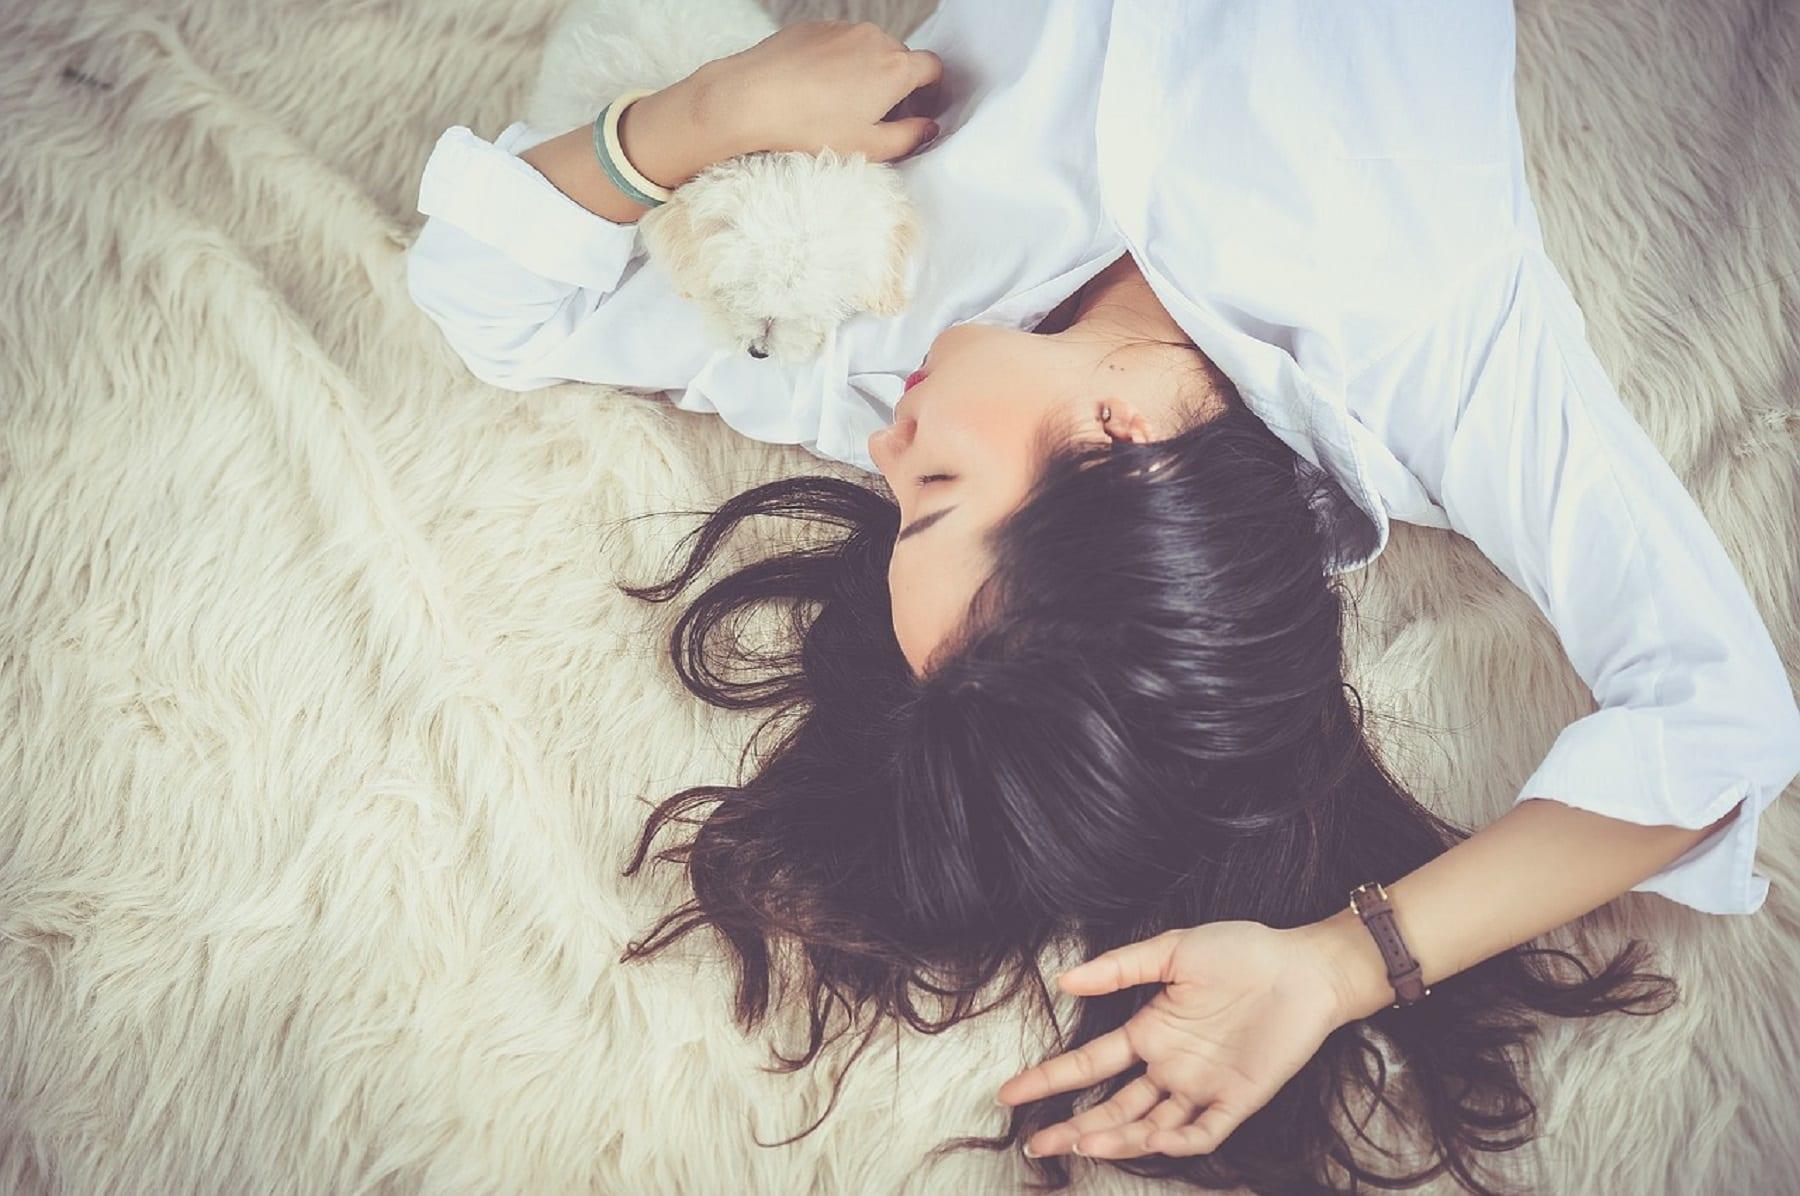 le sommeil est important pour être efficace à l'entraînement